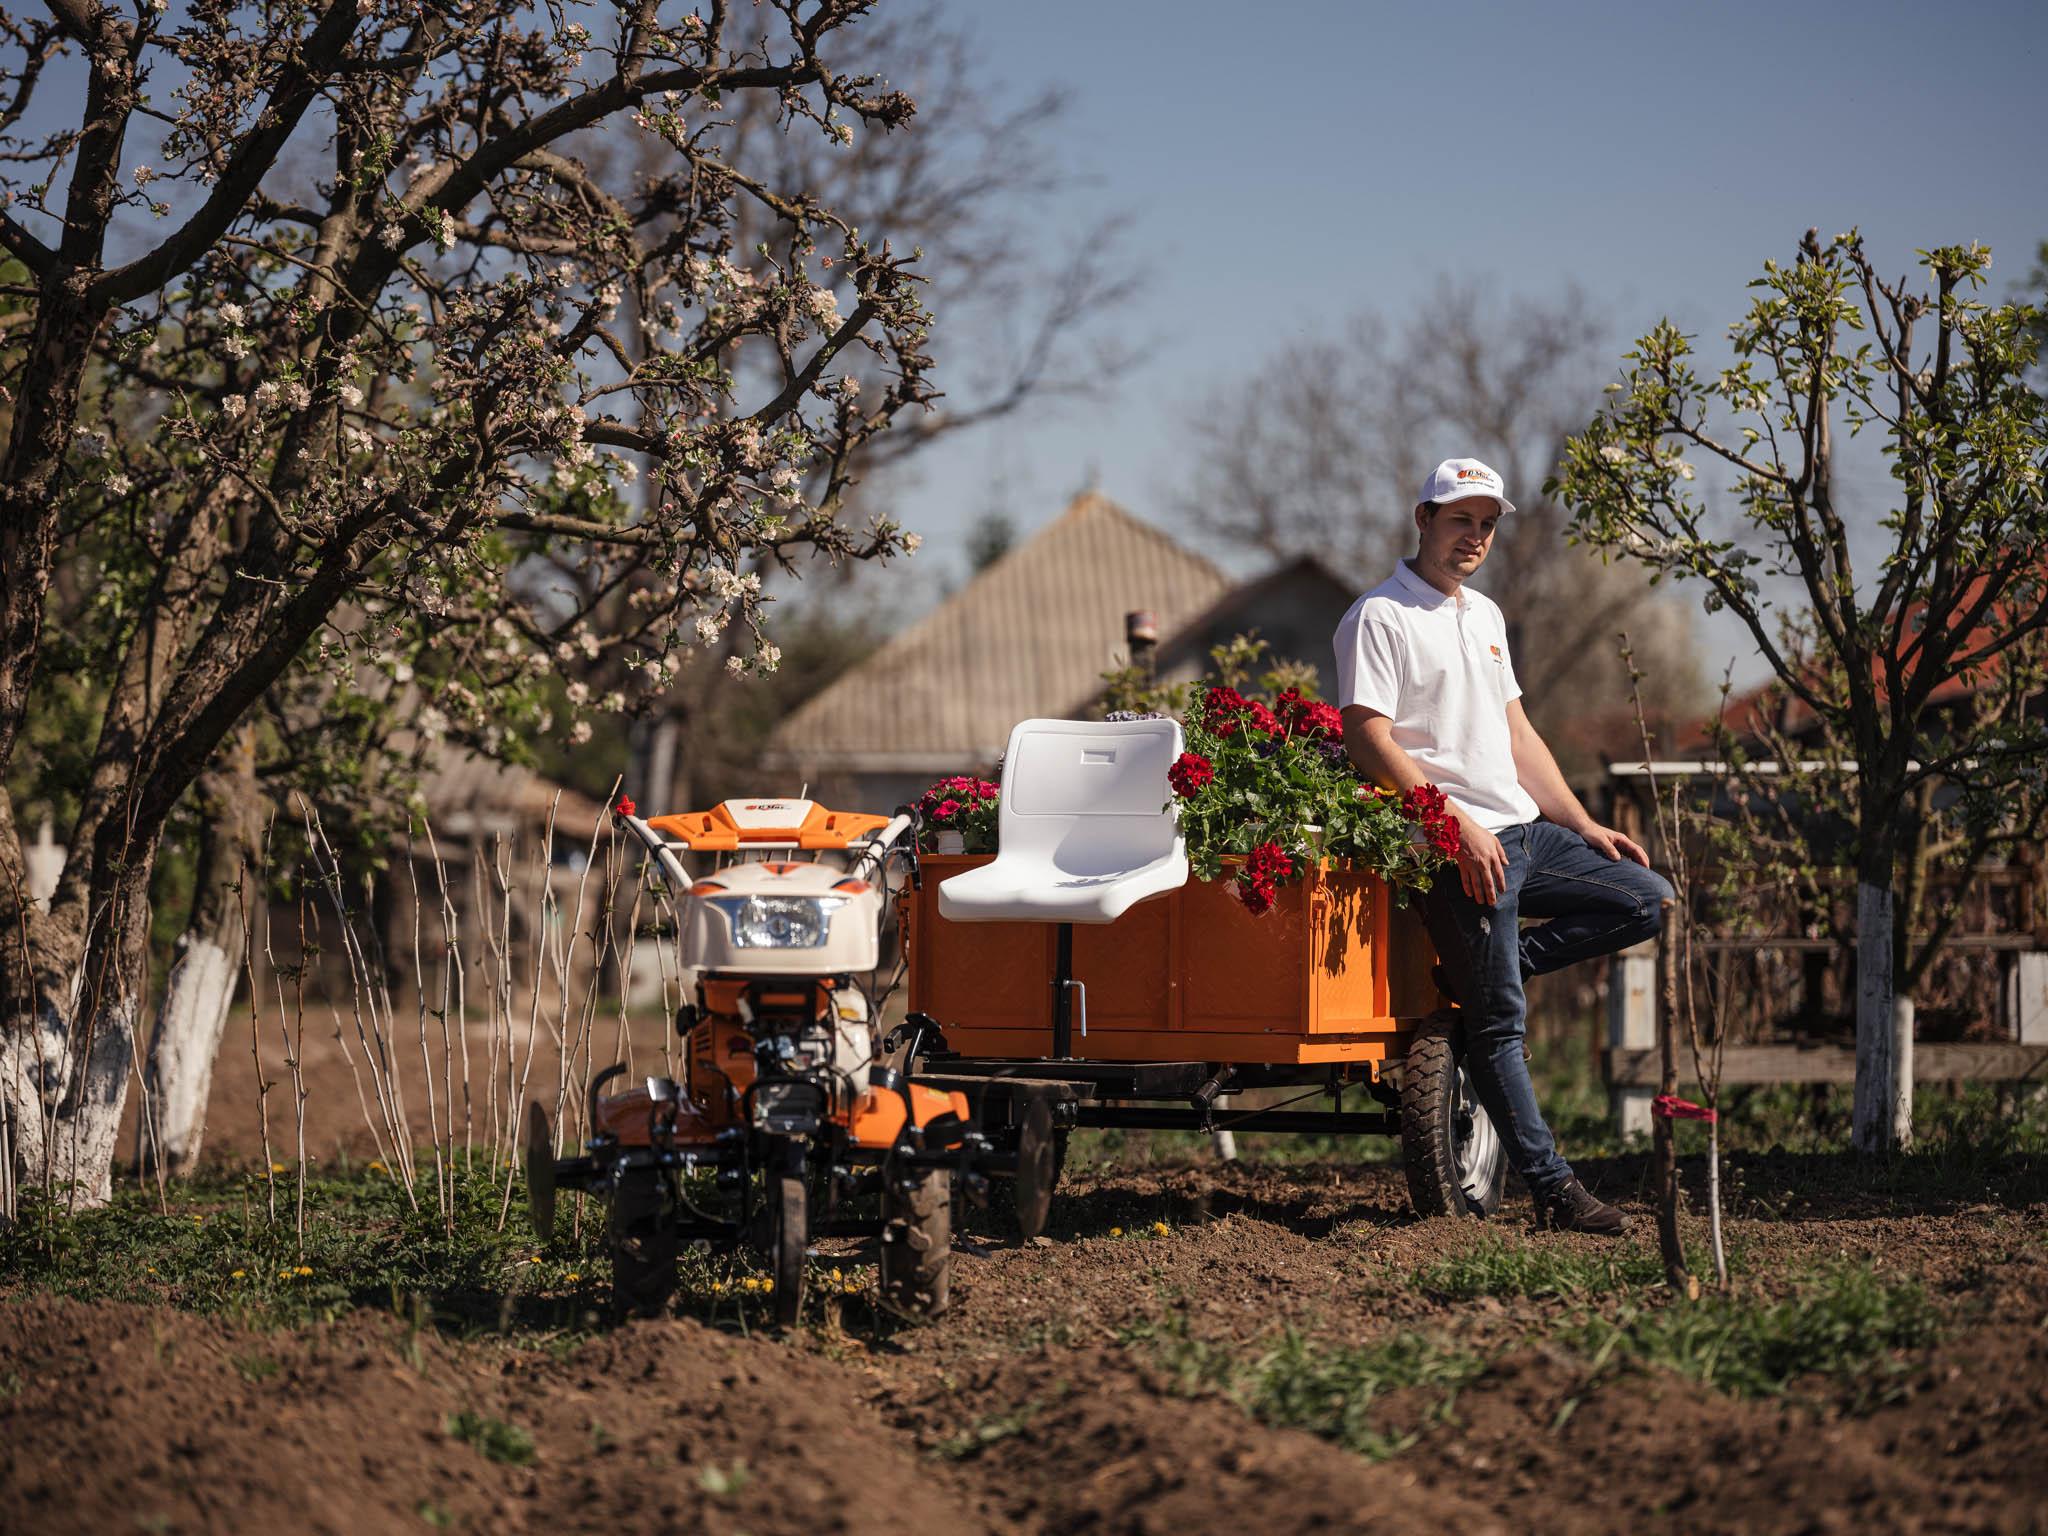 Motocultorul cu remorcuța cu flori a ajuns în noua sa grădină